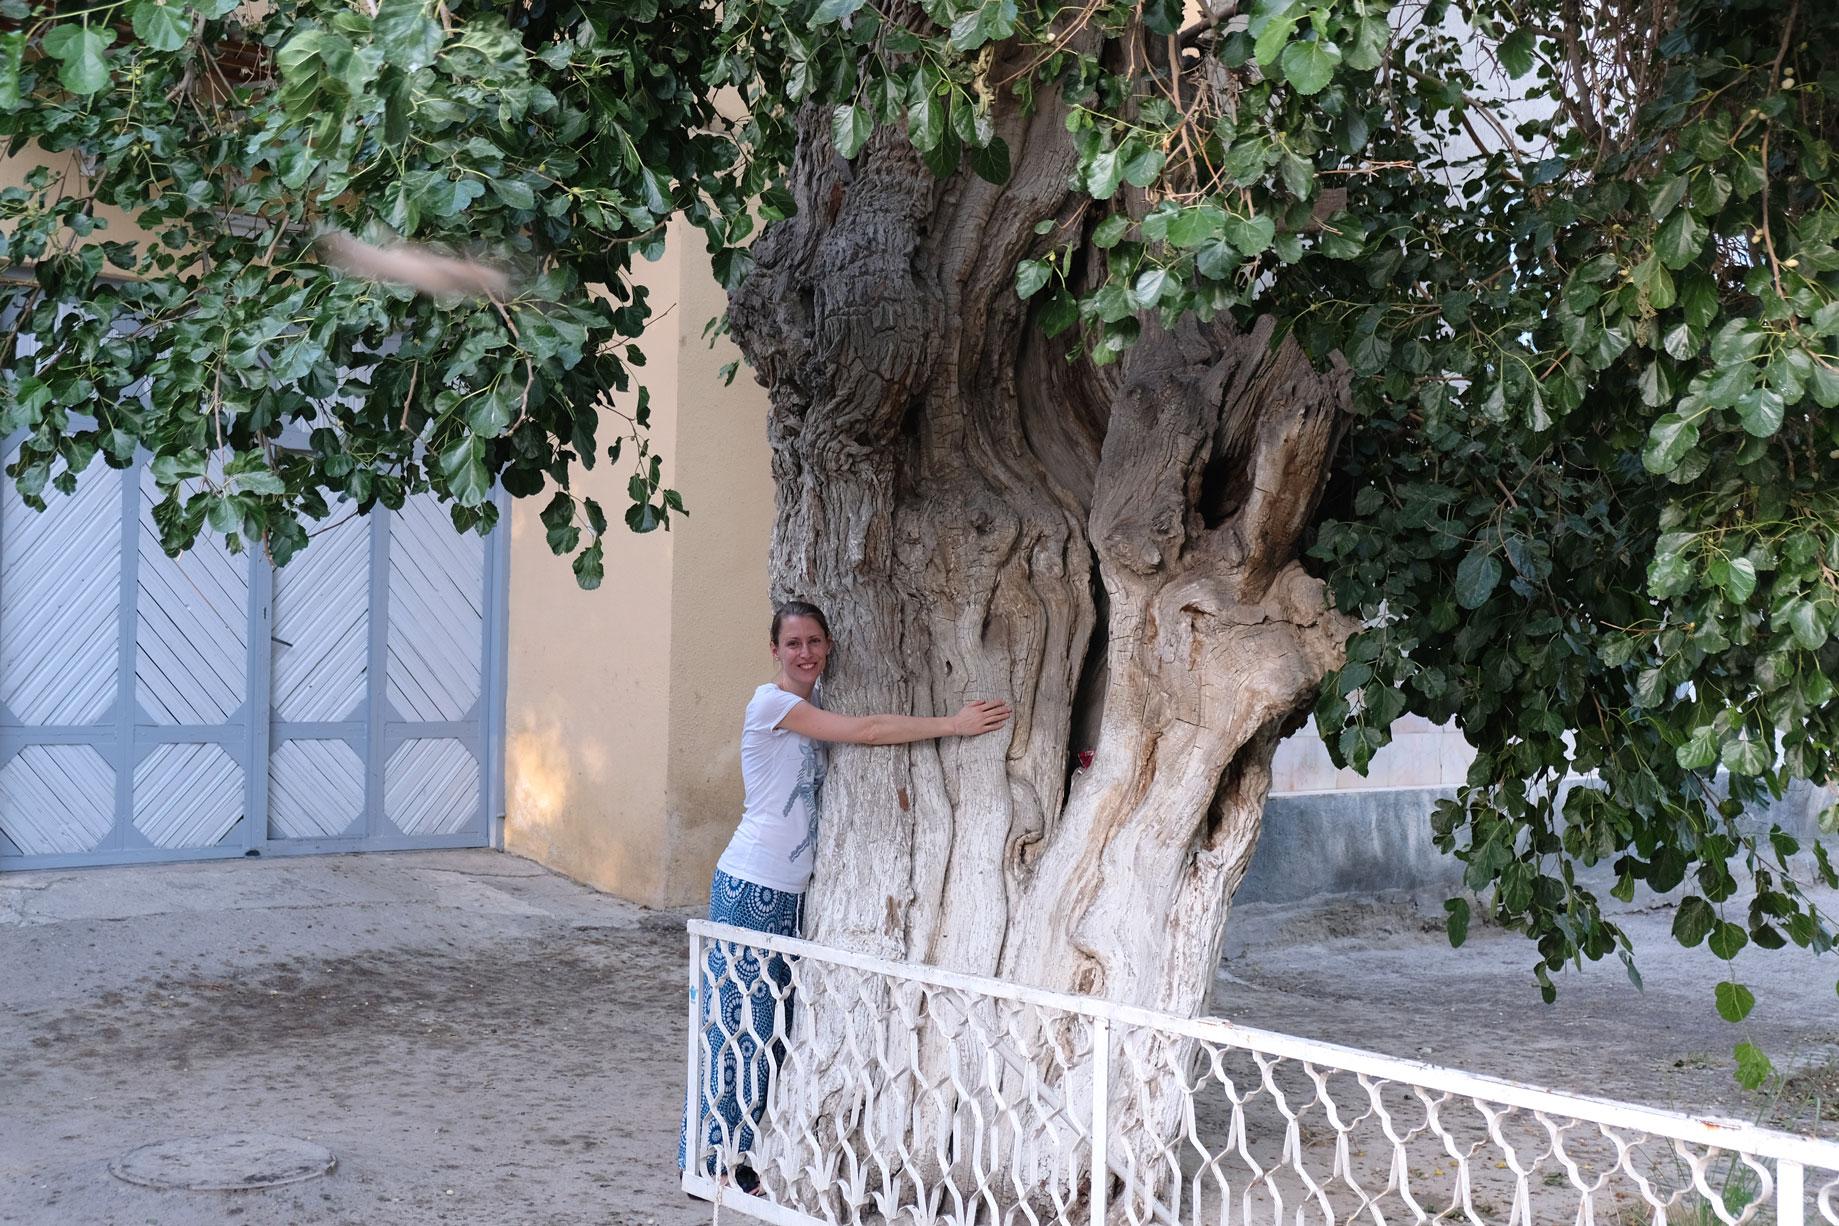 Leo umarmt einen riesigen Baum